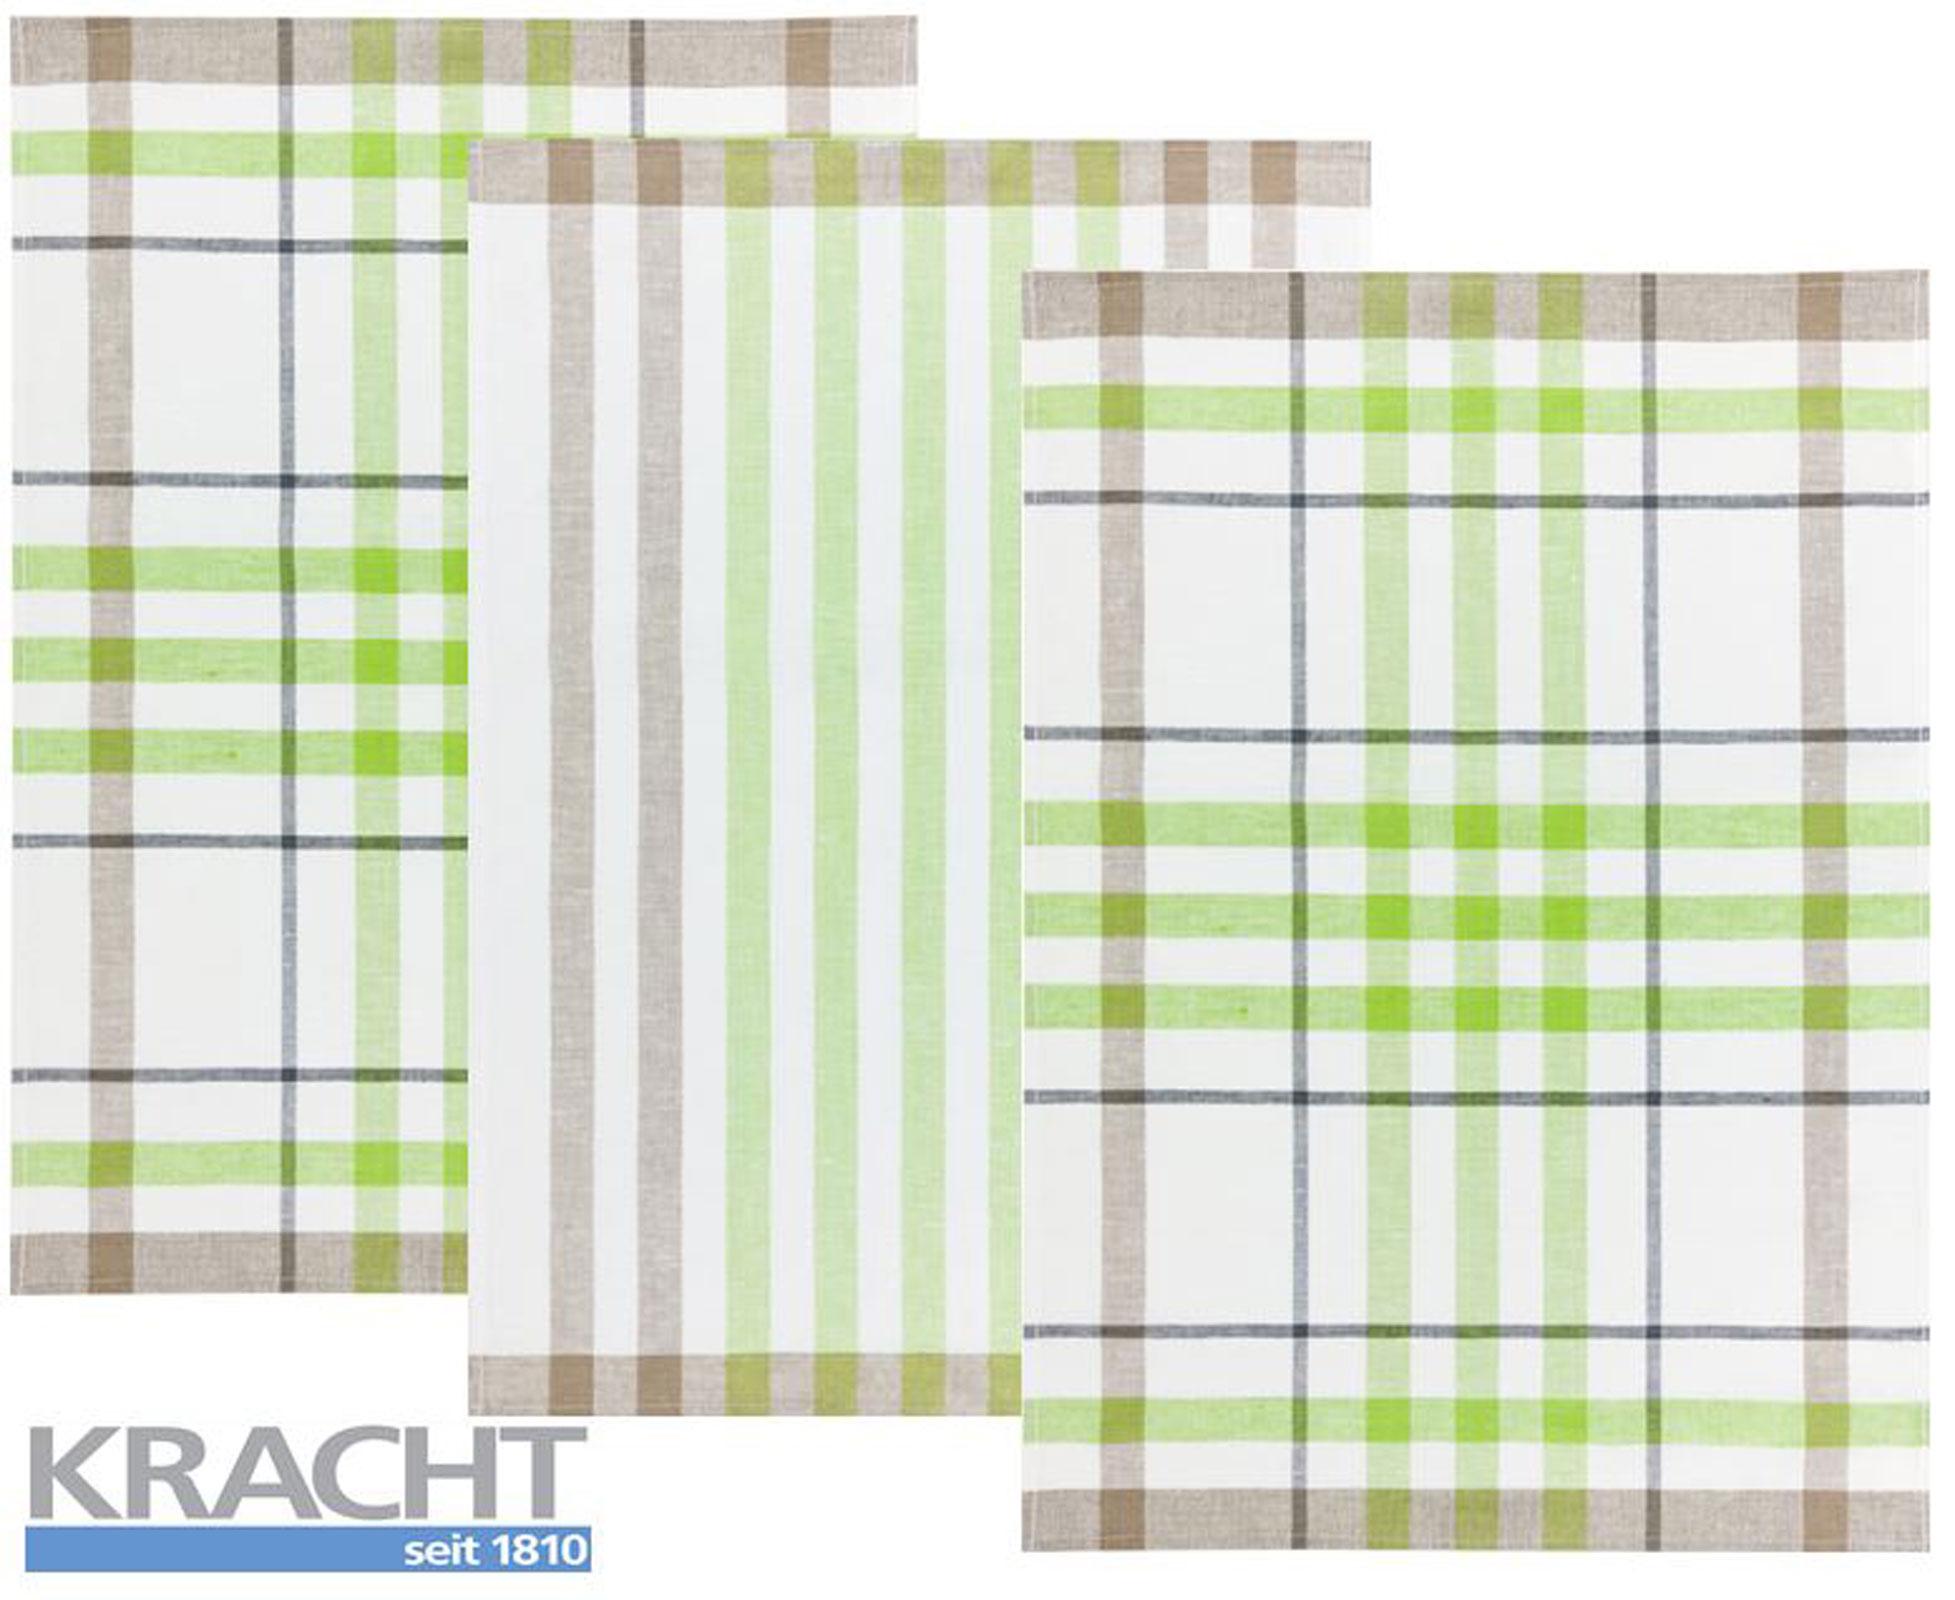 Küchentextilien - 3er Pack Kracht Halbleinen Geschirrtuch 50x70 2x Karo 1x Streifen 2 930 16 grün  - Onlineshop PremiumShop321